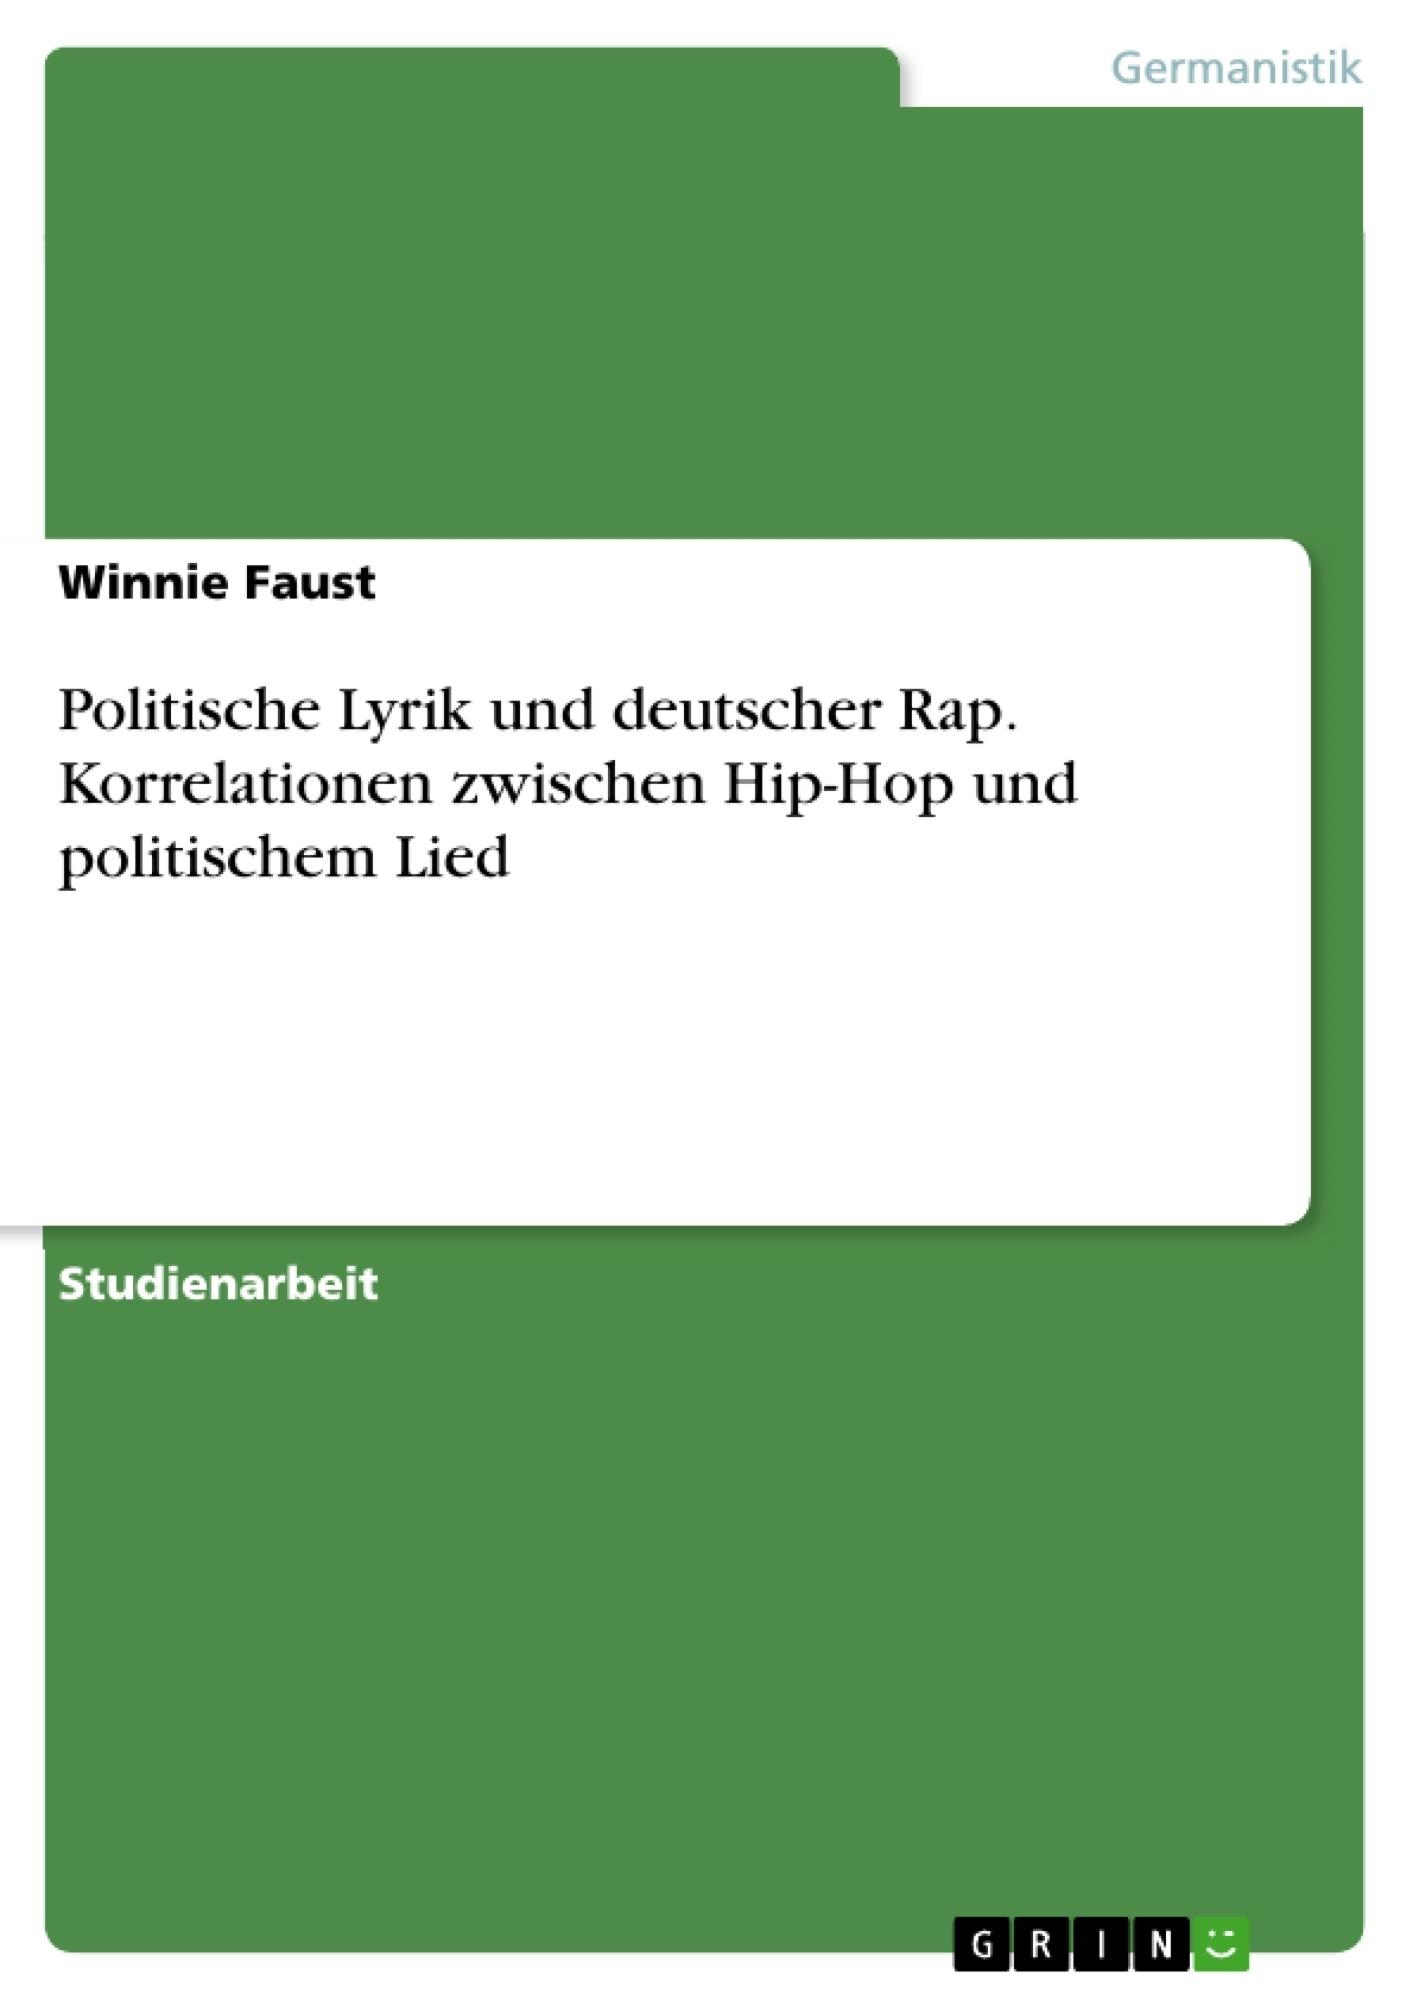 Titel: Politische Lyrik und deutscher Rap. Korrelationen zwischen Hip-Hop und politischem Lied